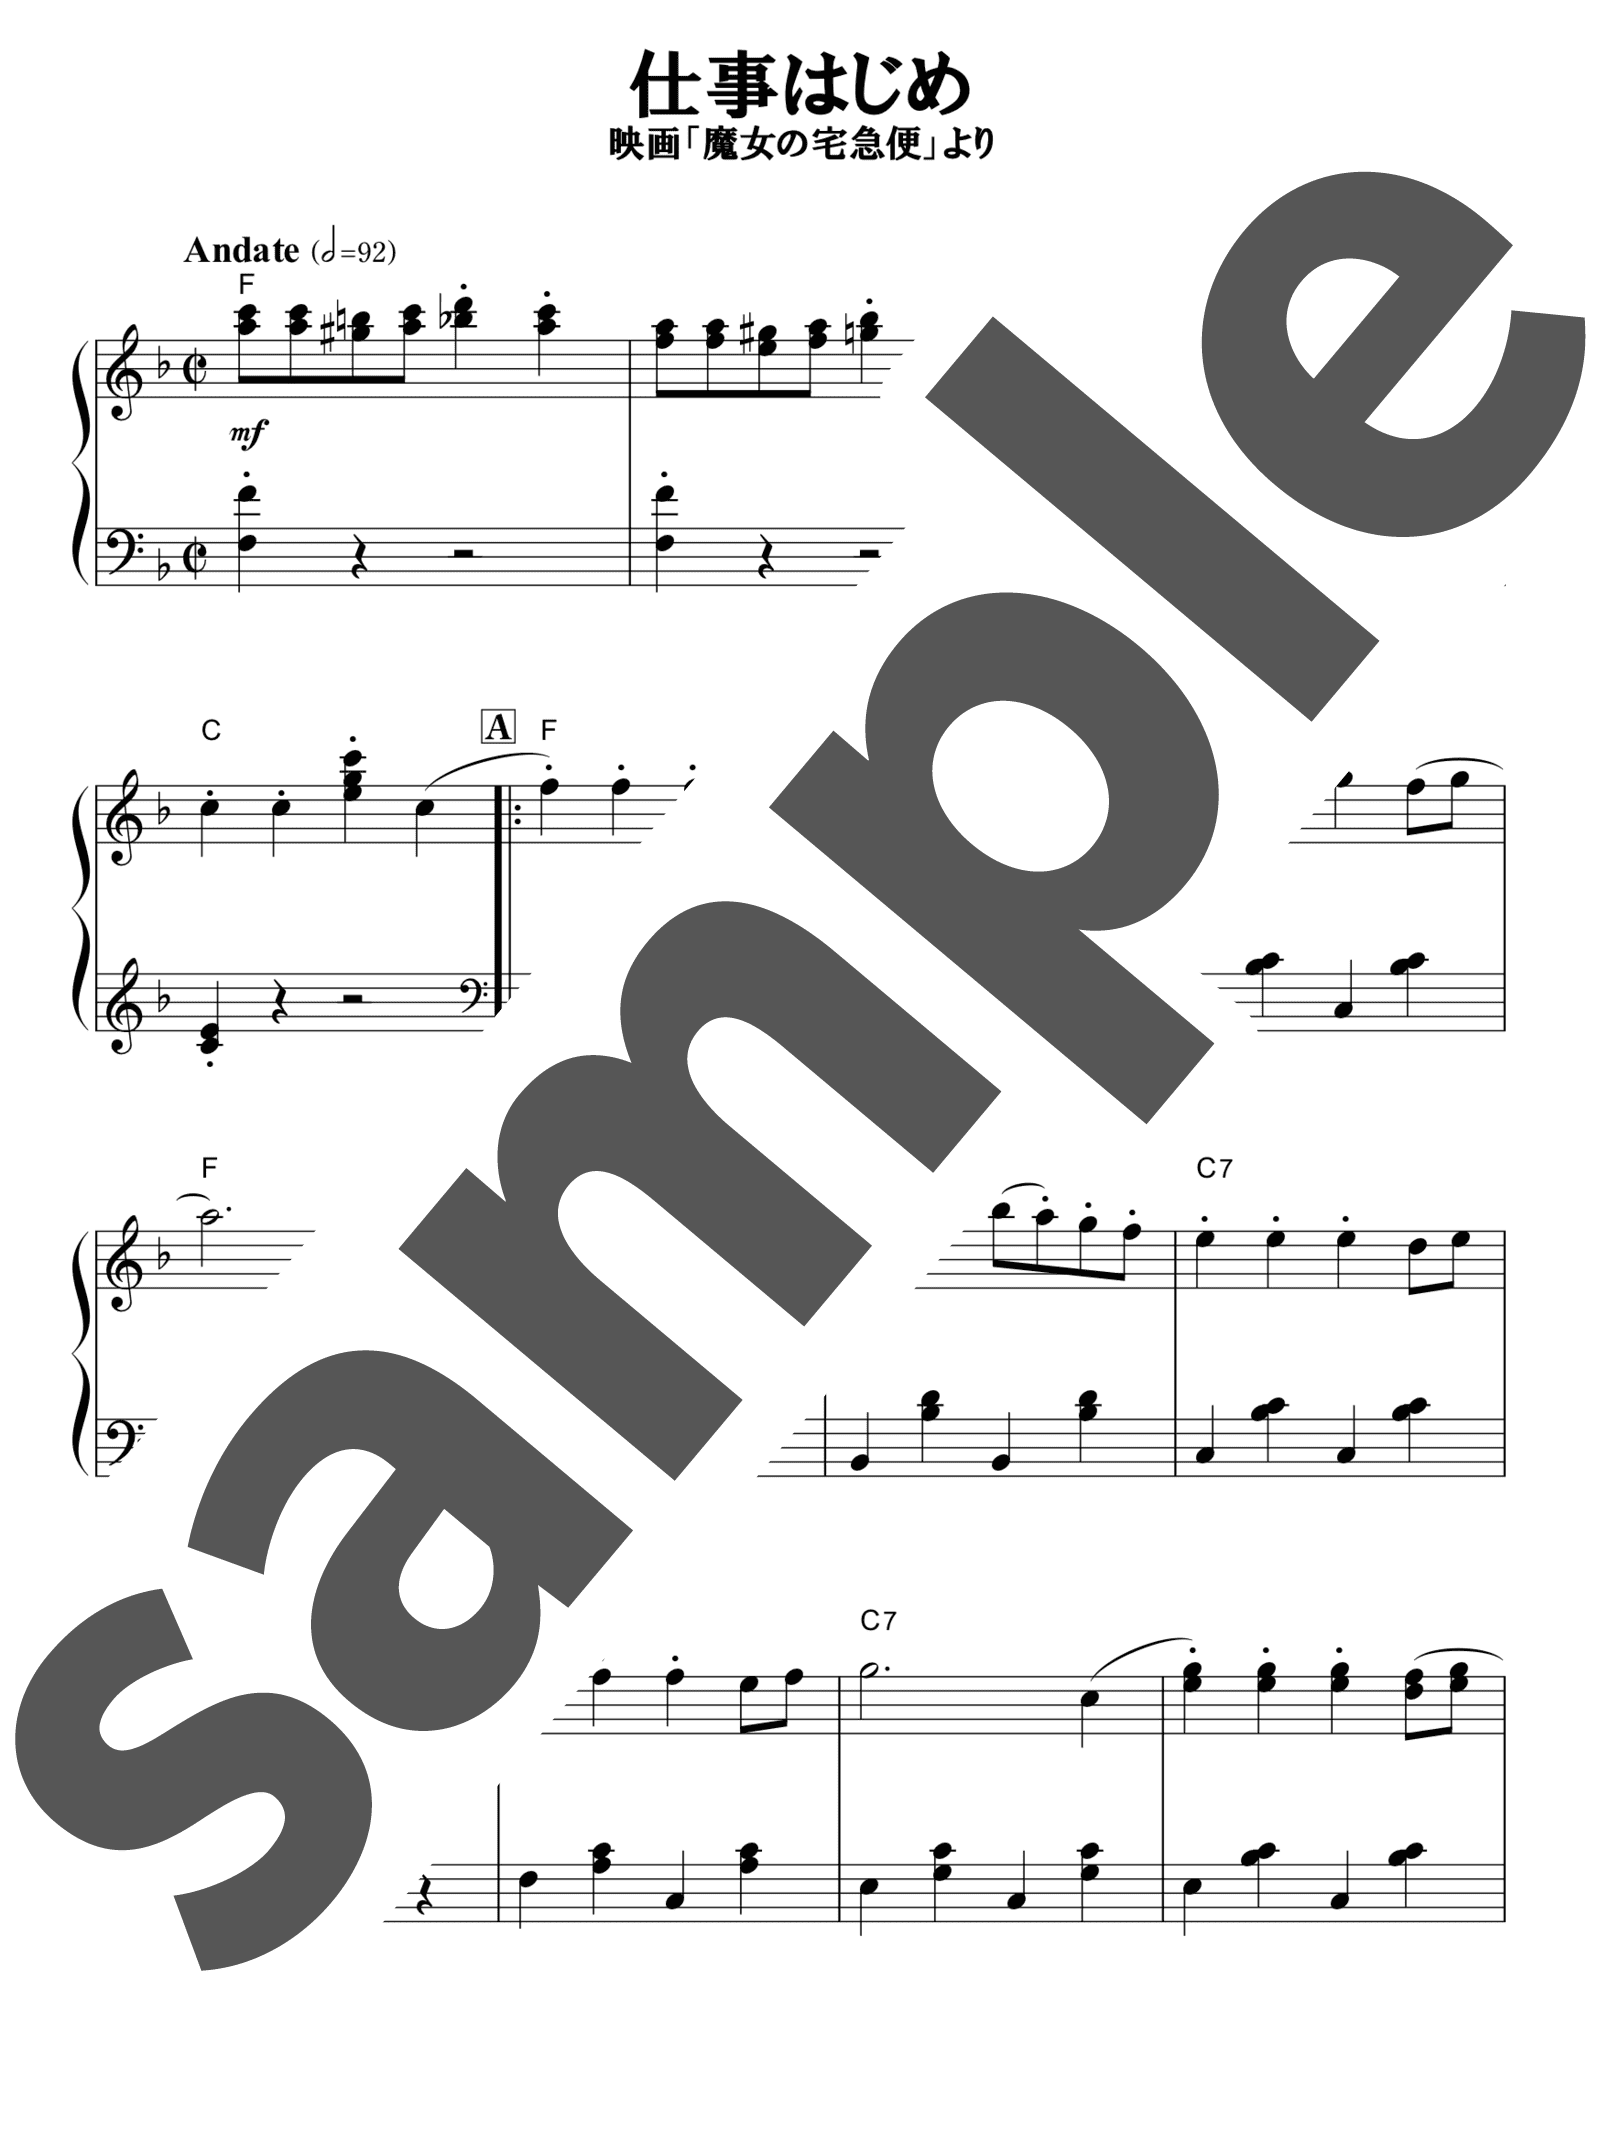 「仕事はじめ」のサンプル楽譜